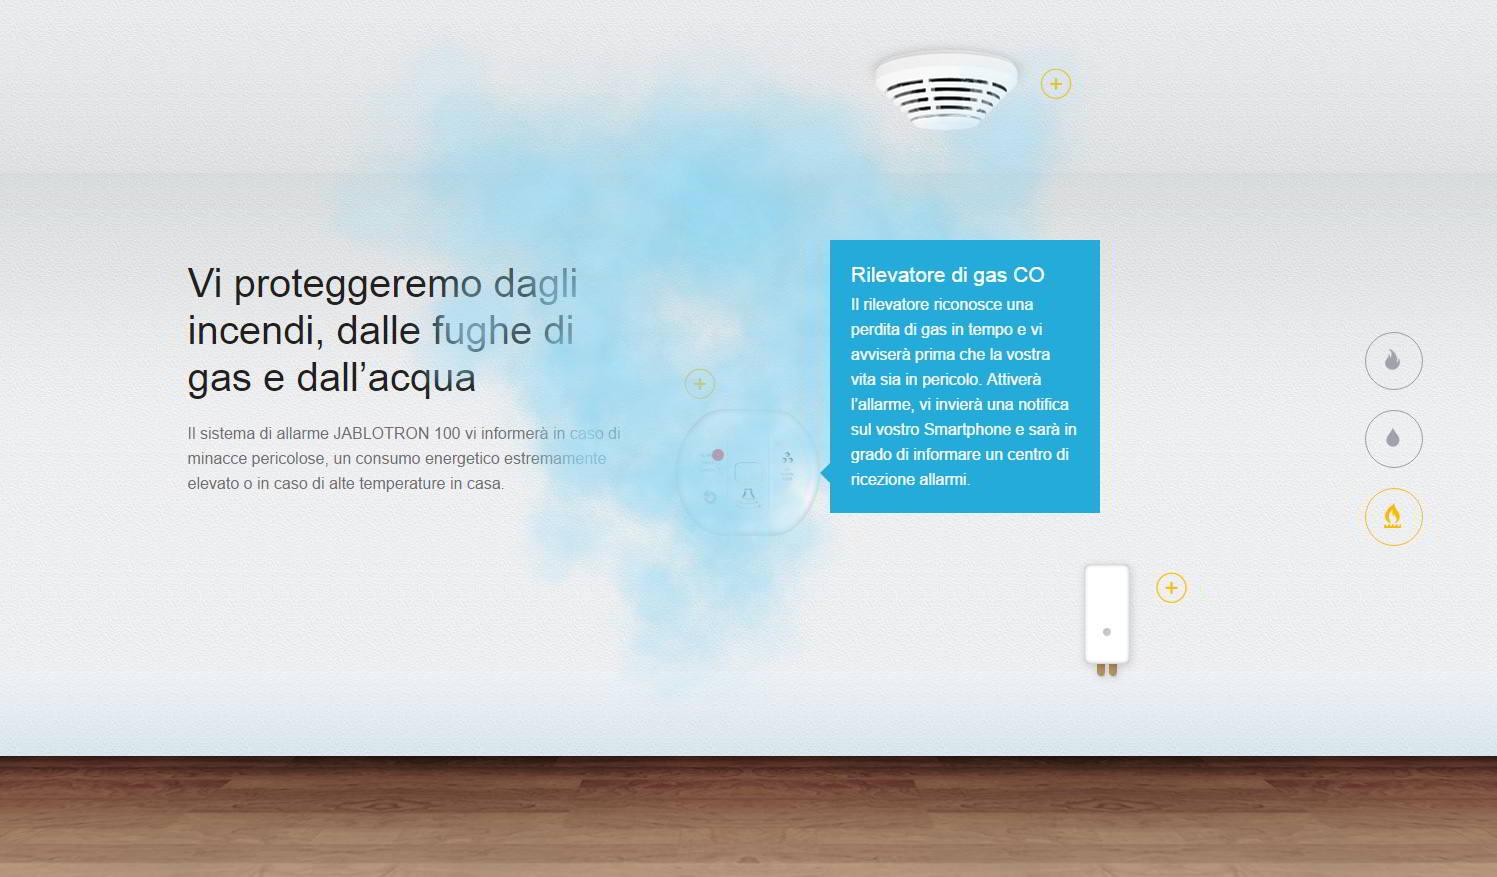 JABLOTRON 100 Gasmelder Schutz vor Bedrohungen